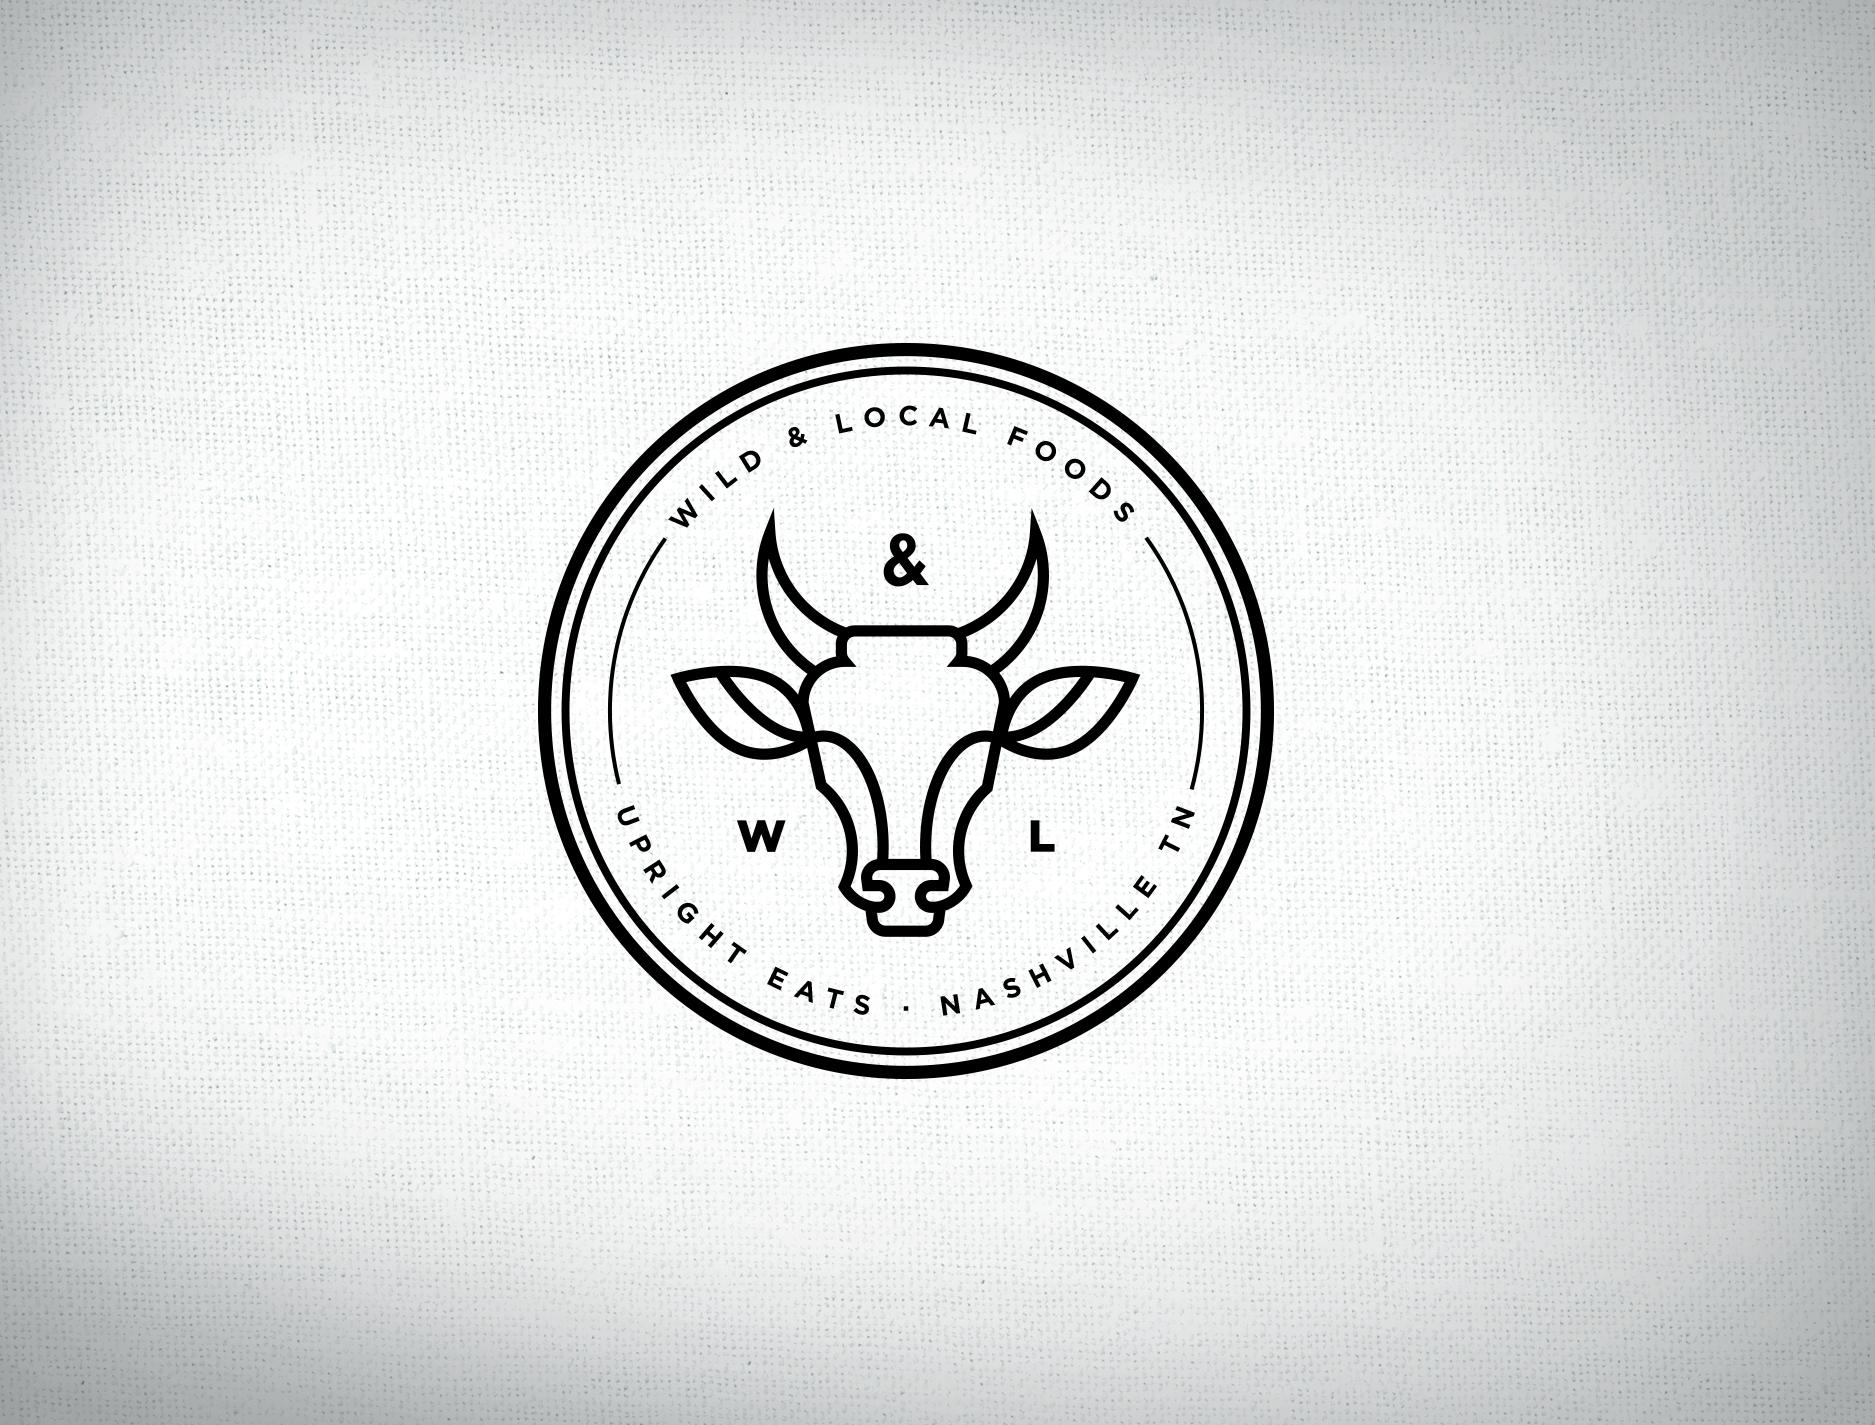 W+L_Logos.jpg